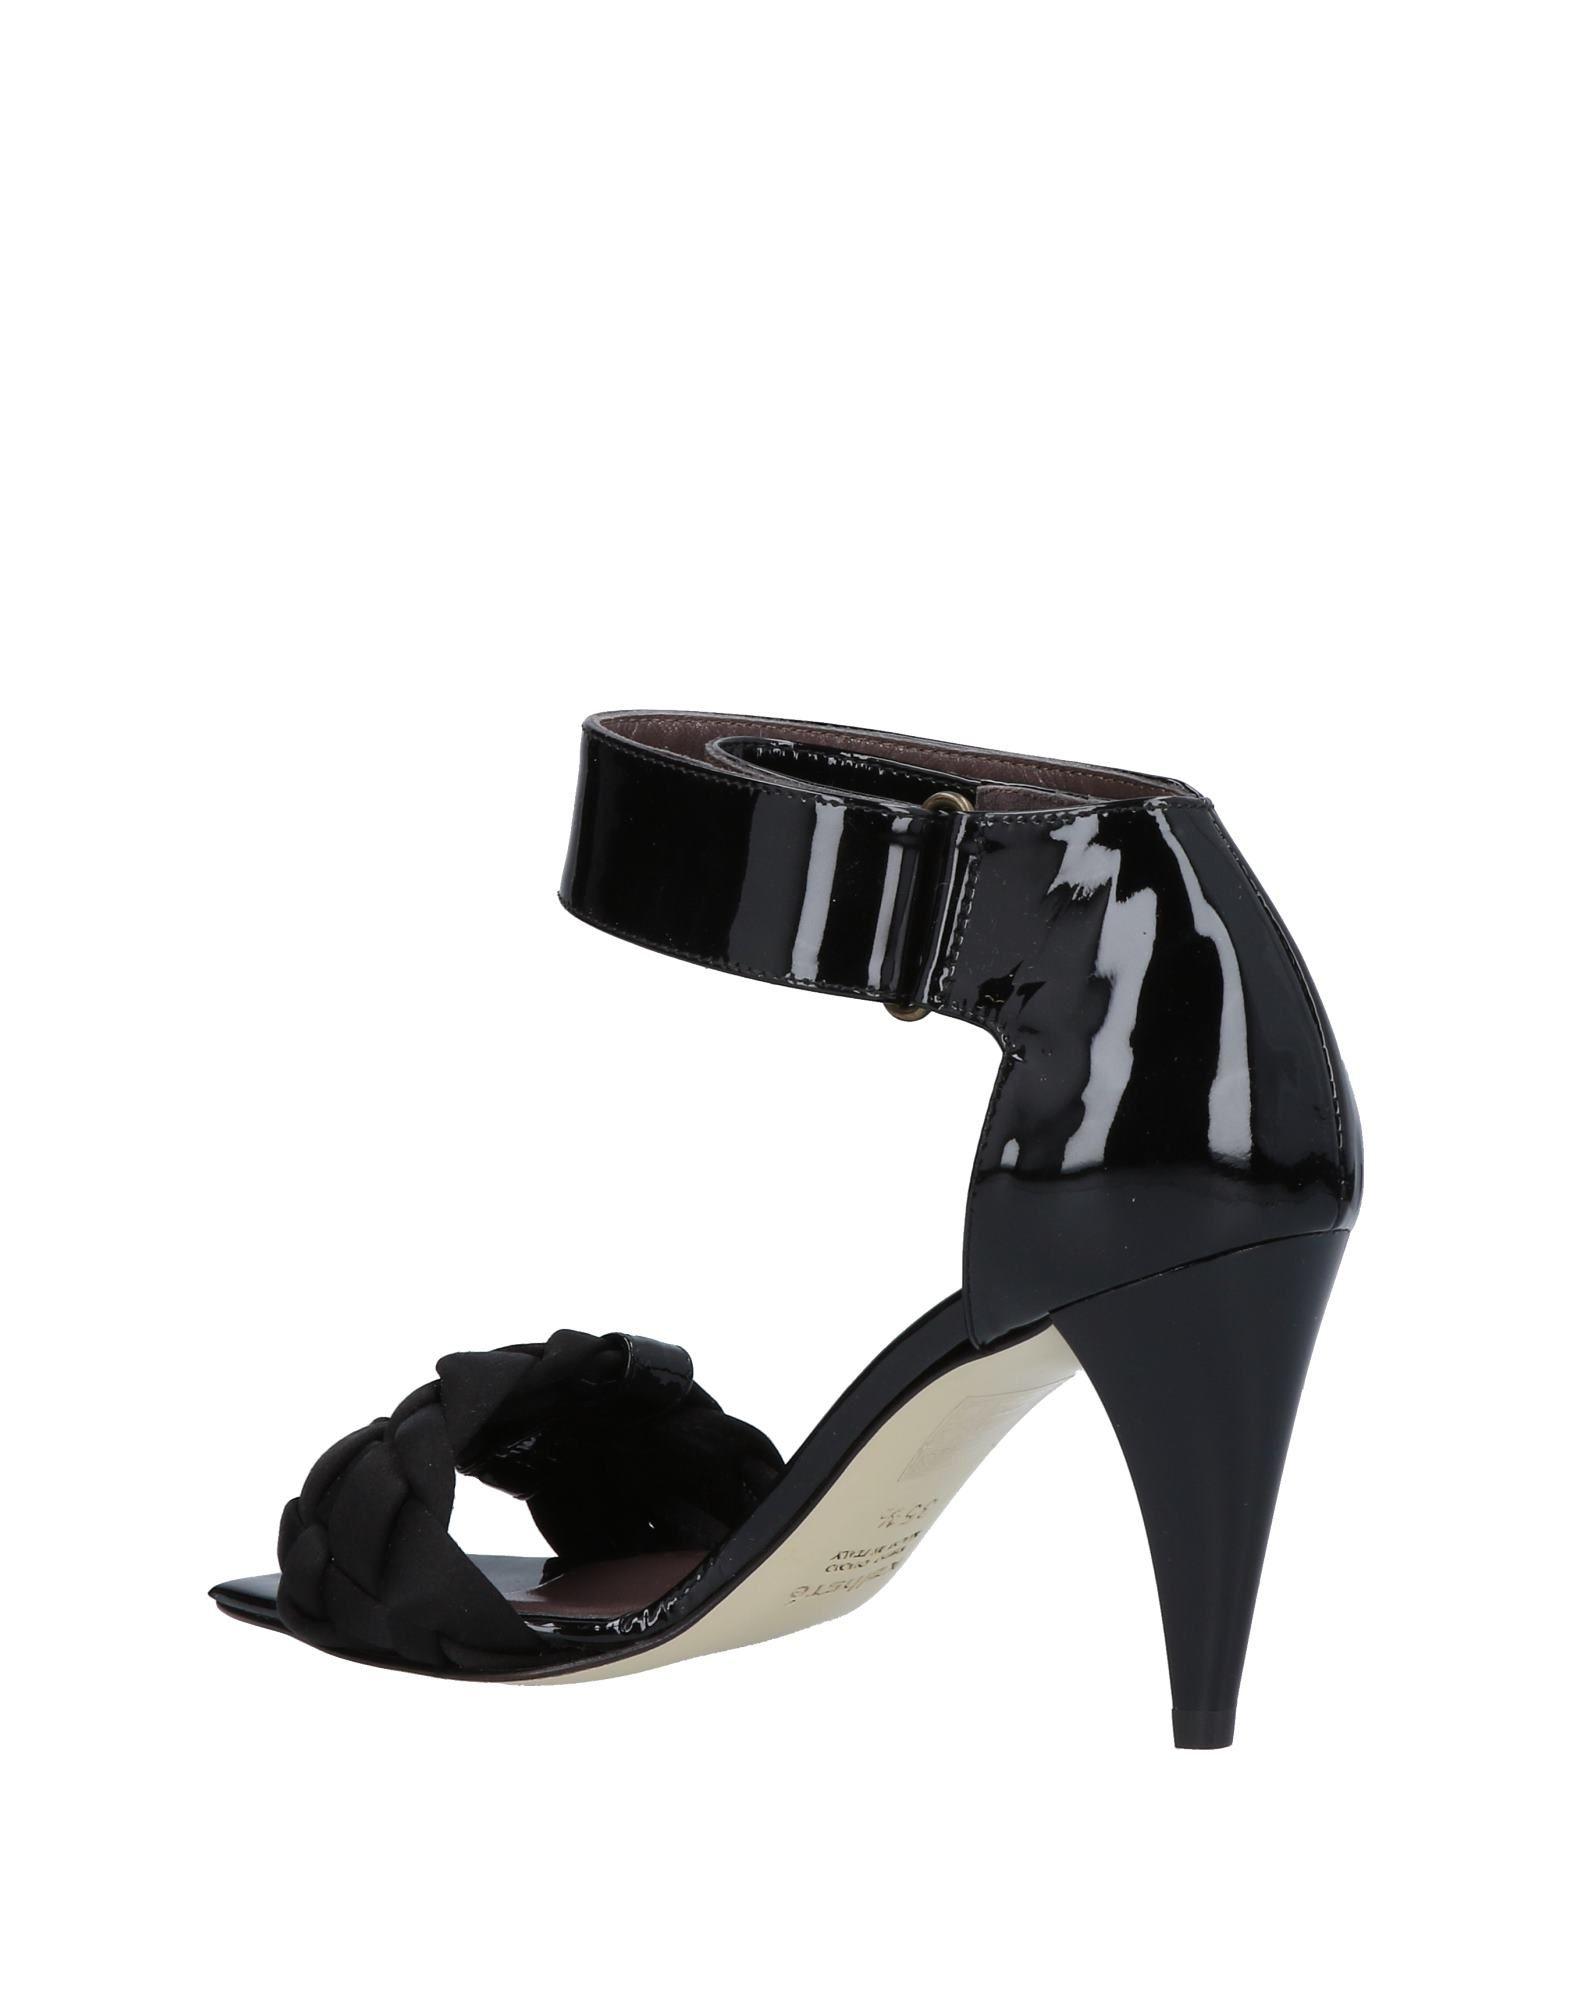 Kallistè 11467584EI Sandalen Damen  11467584EI Kallistè Gute Qualität beliebte Schuhe bf7578